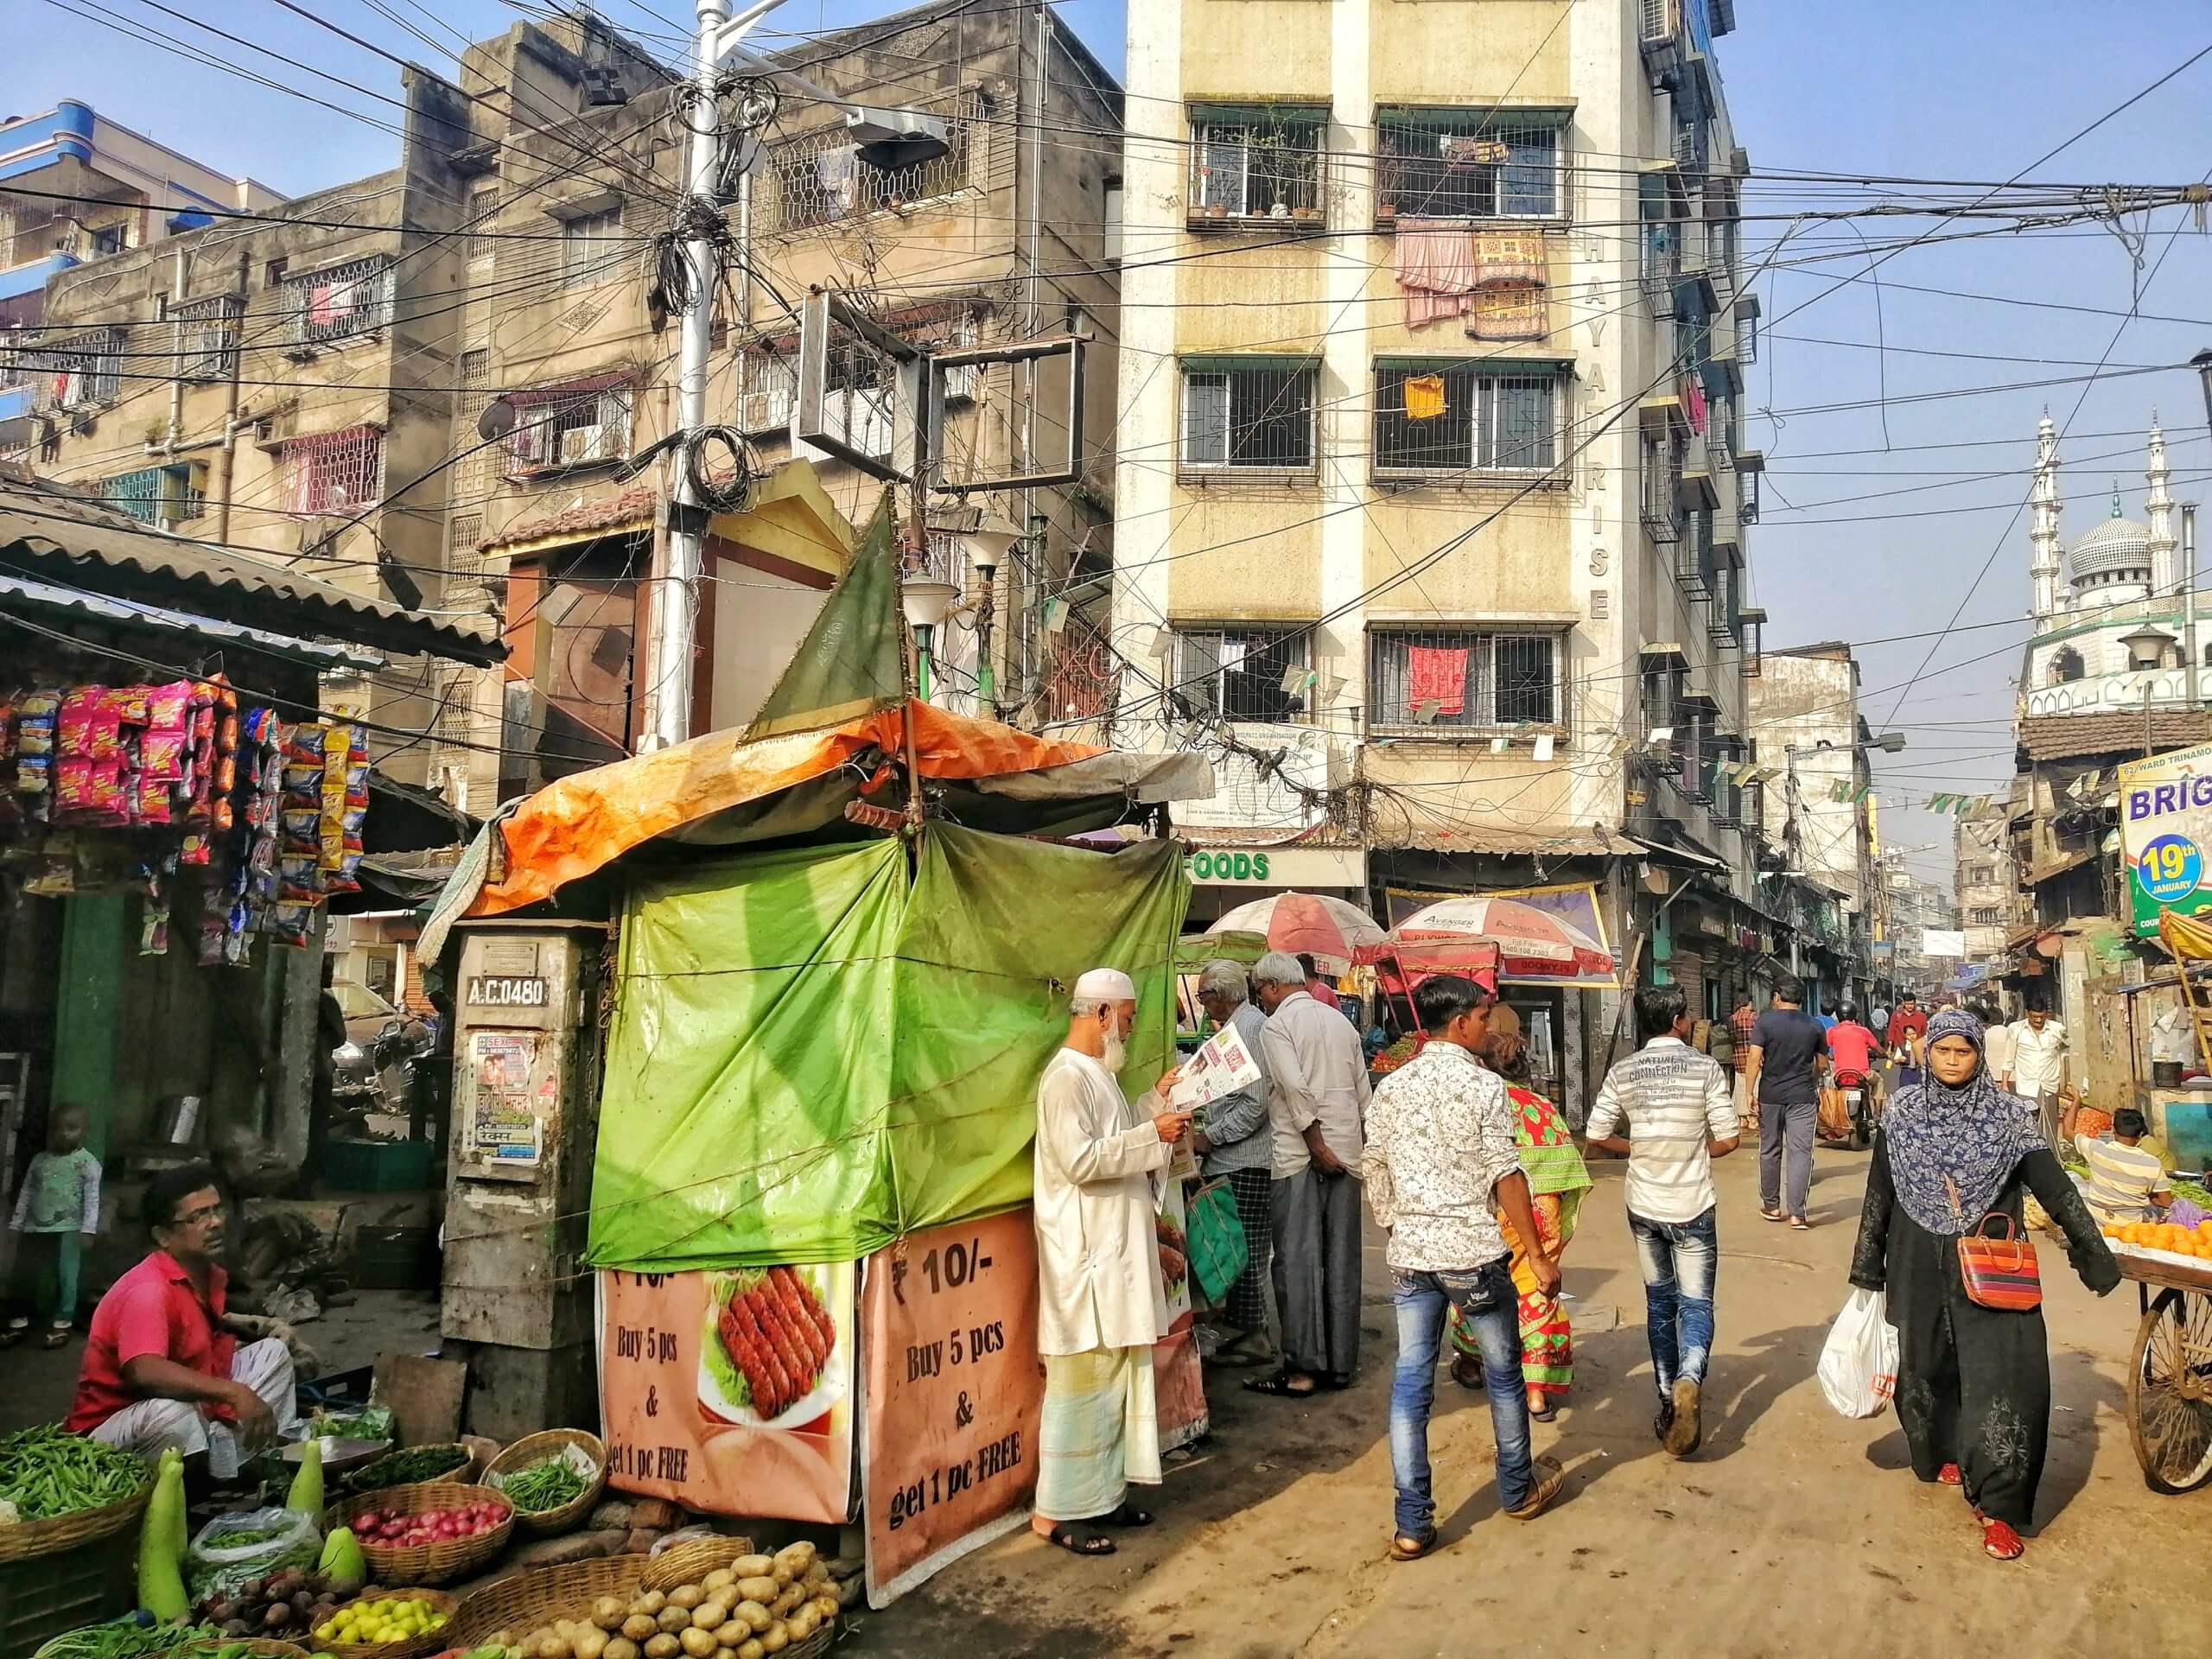 コルカタの街を歩く人々